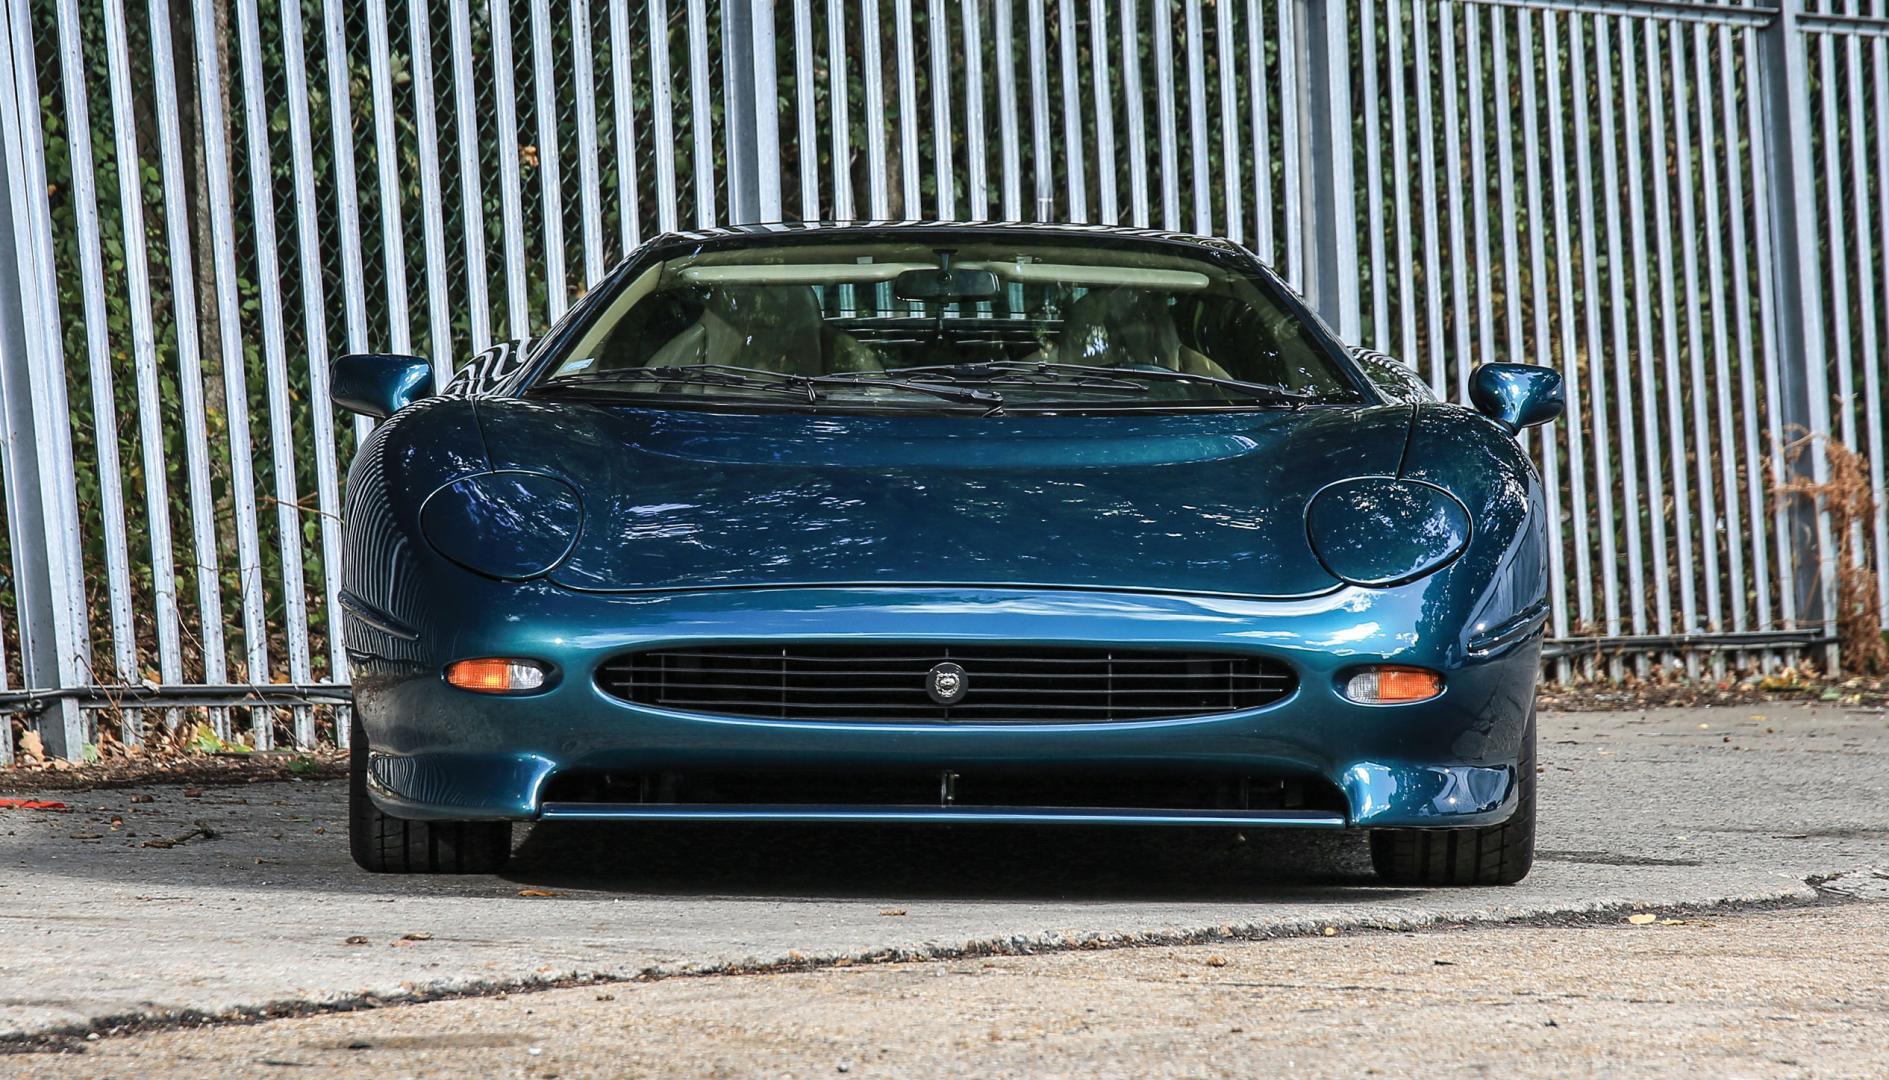 Klapkoplampen van de Jaguar XJ220